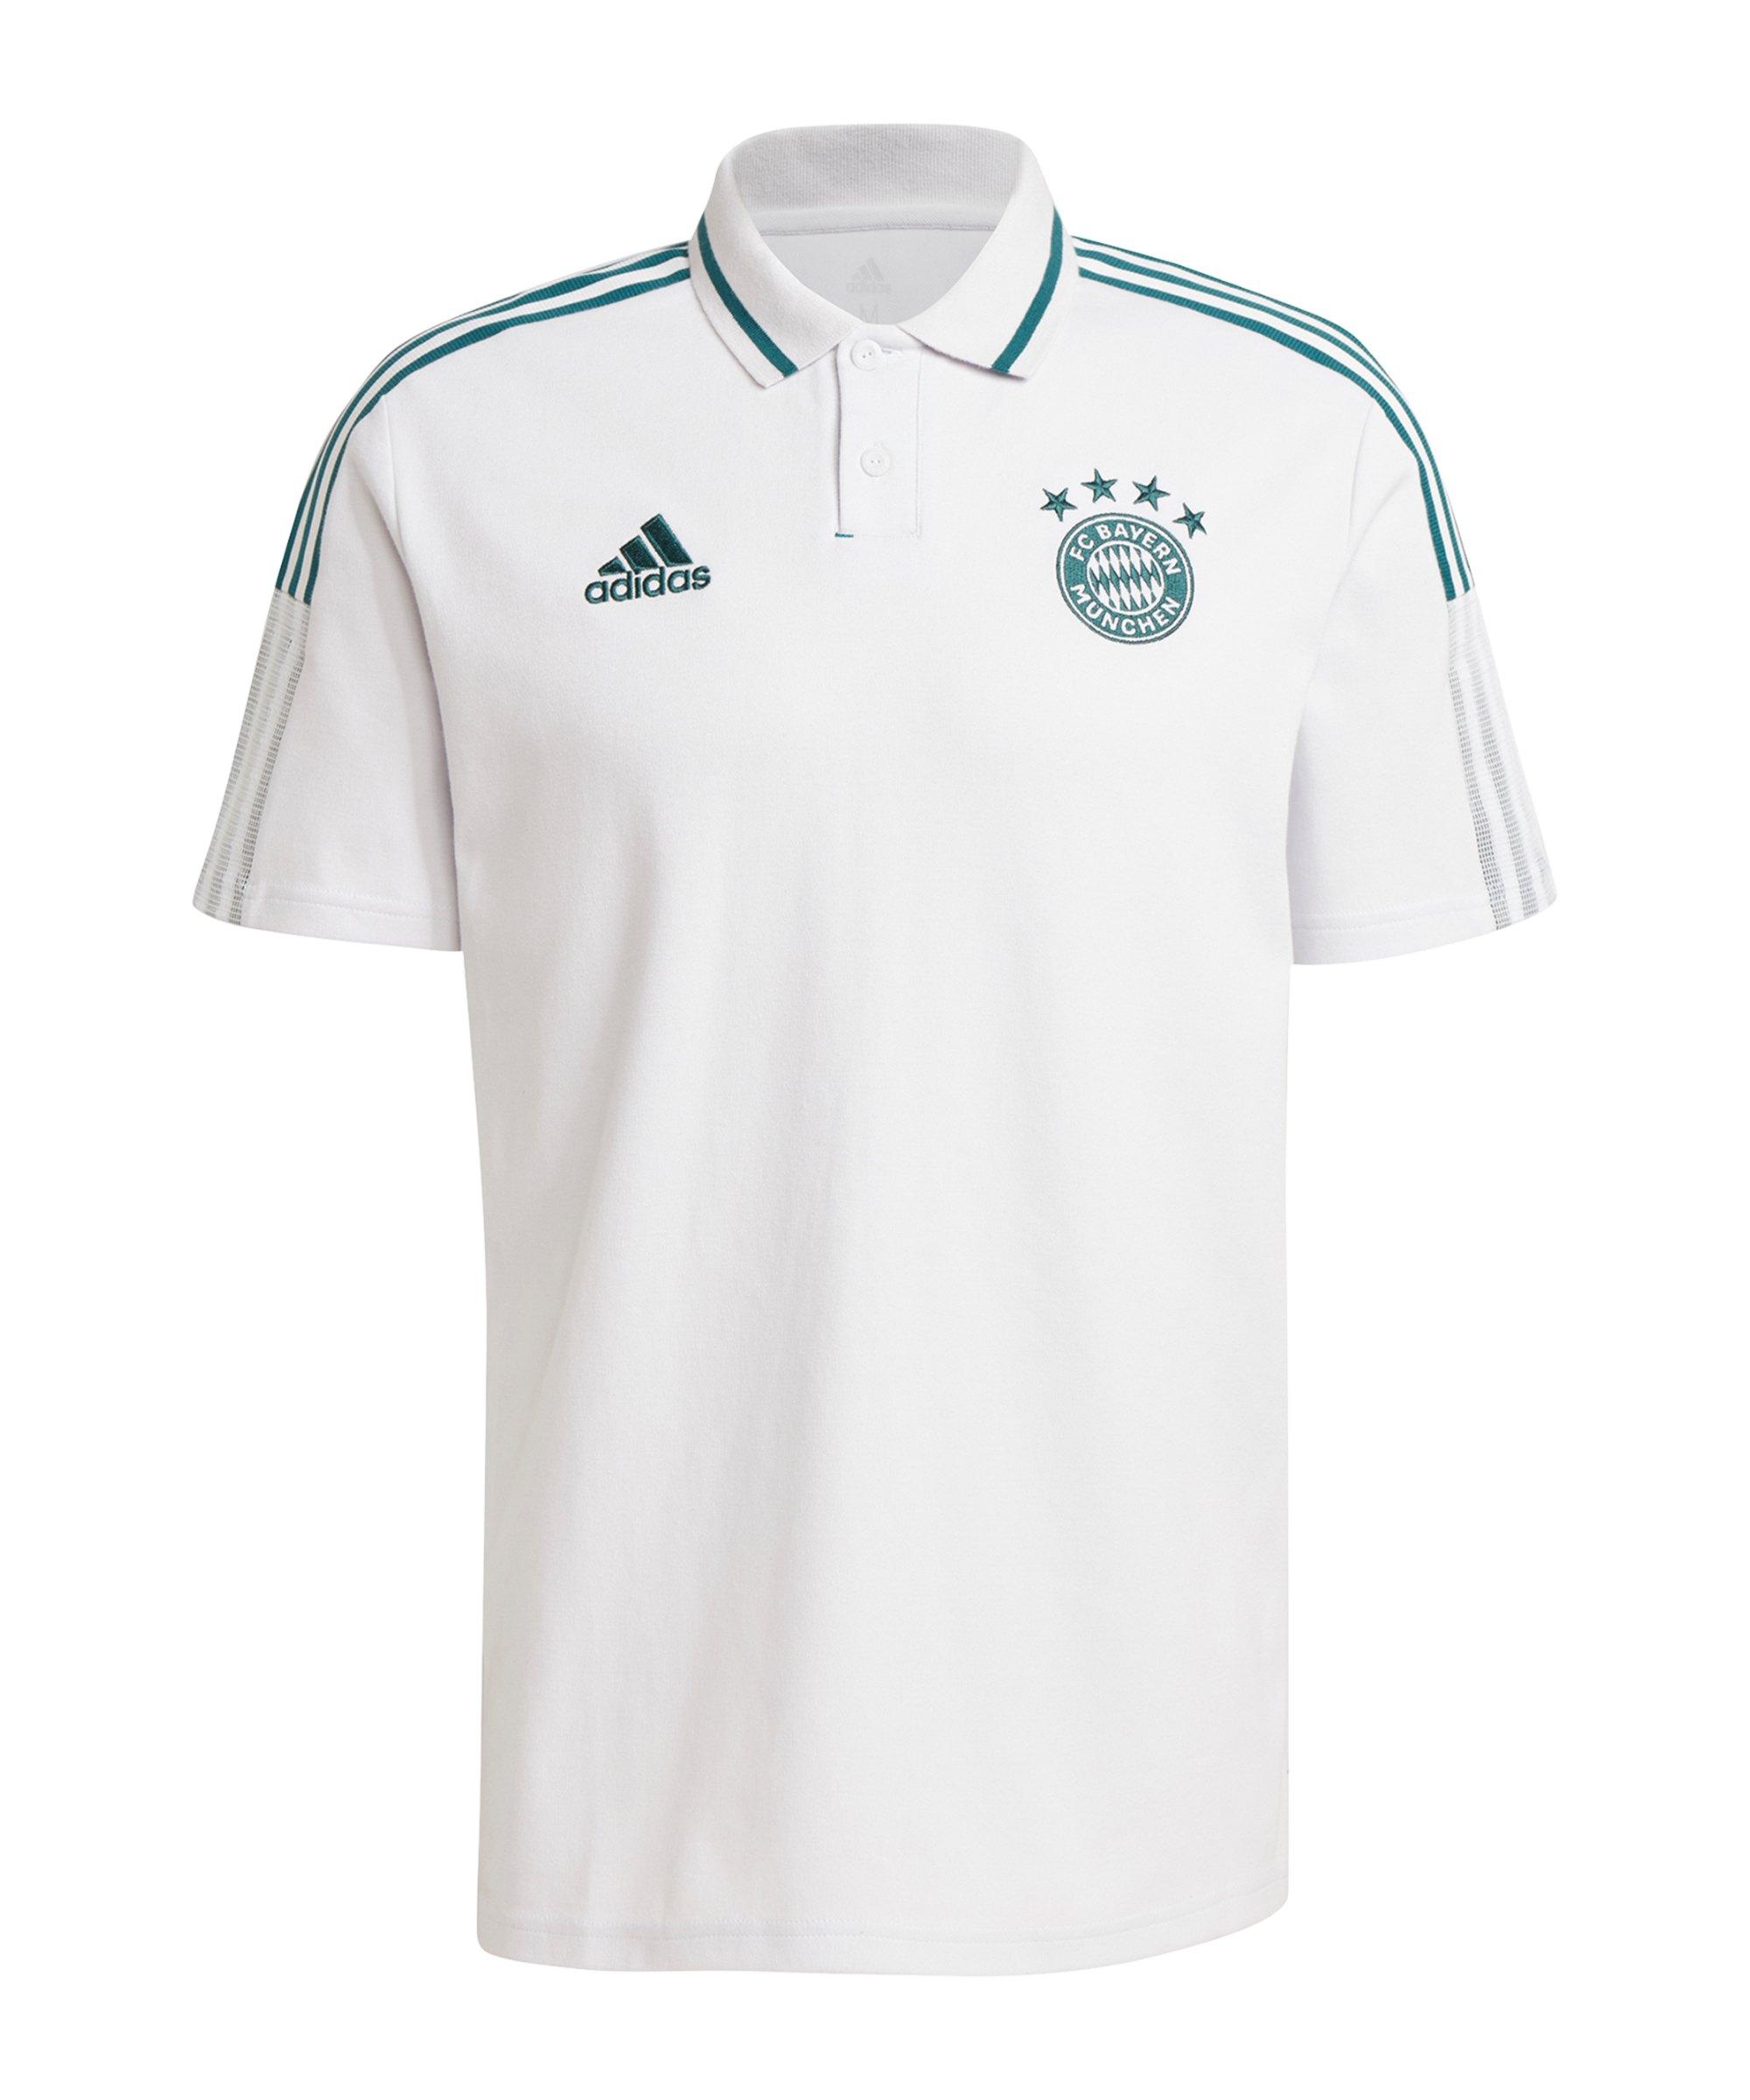 adidas FC Bayern München Poloshirt Weiss - weiss